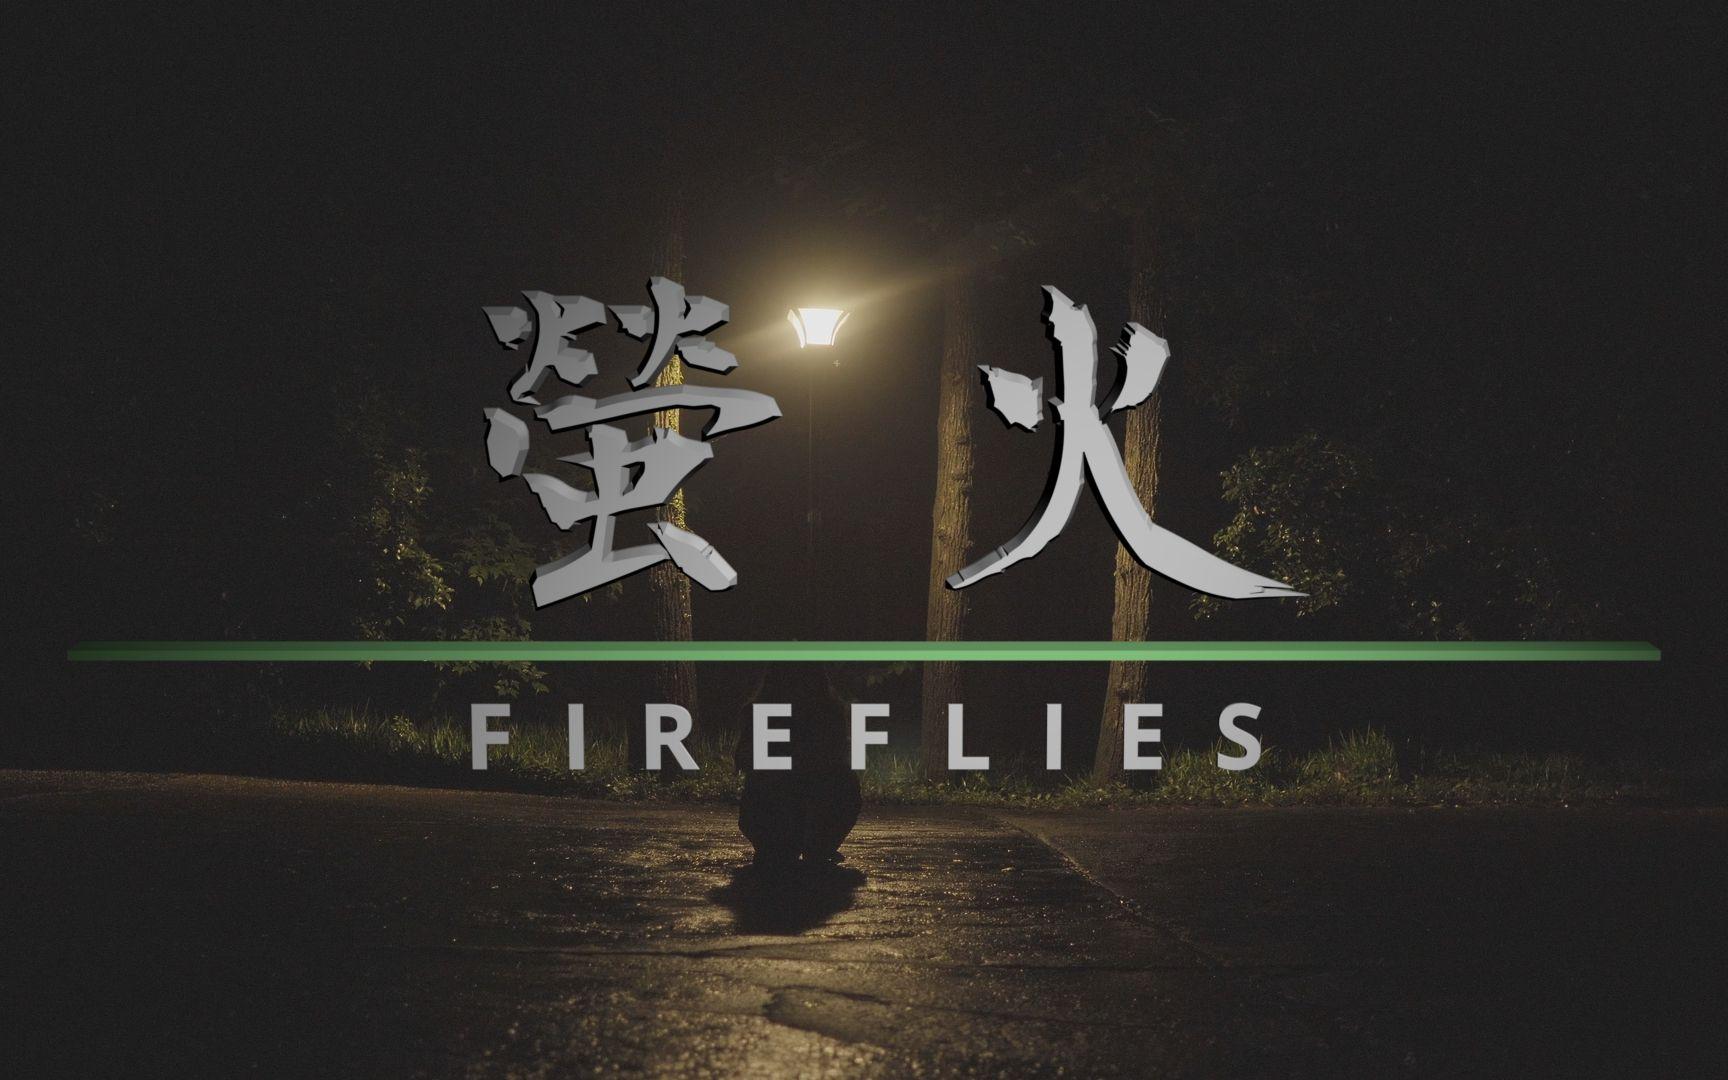 萤火-南京灵谷寺萤火虫实拍,2020加油